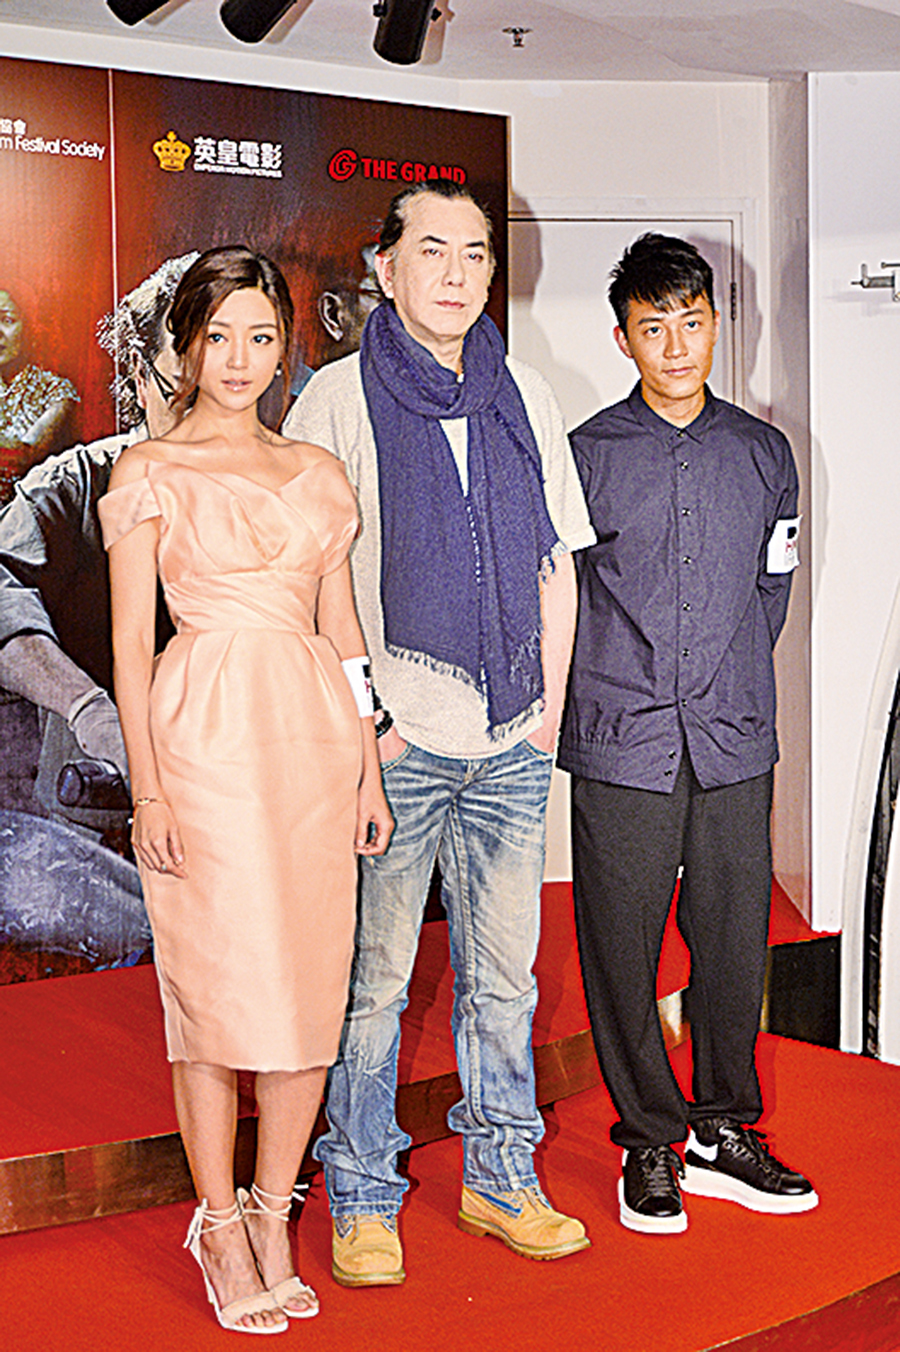 驚慄電影《失眠》  秋生稱是其驚慄片的引退作